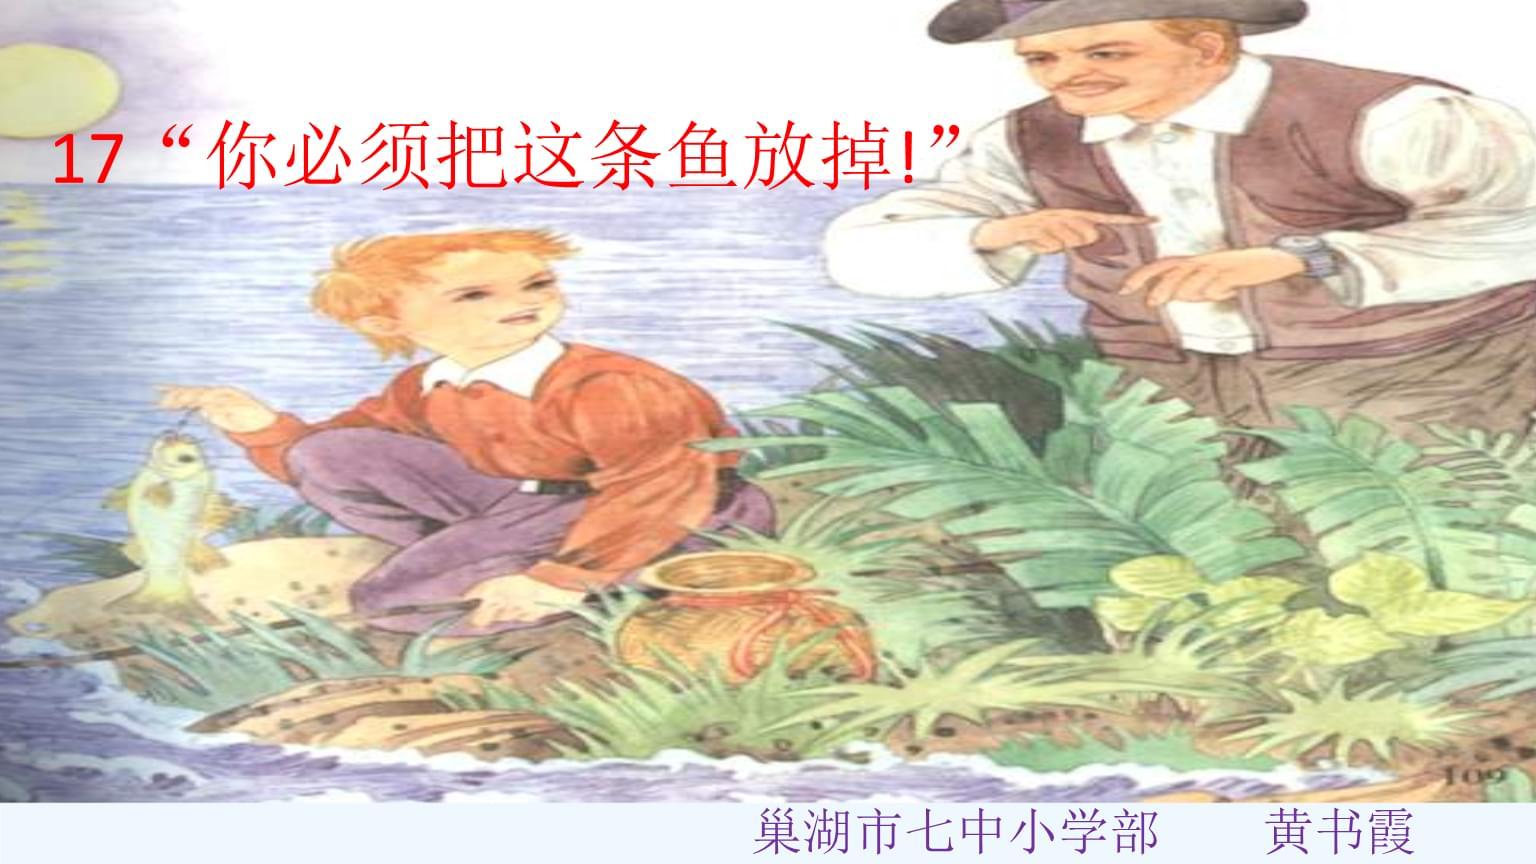 """语文苏教版三年级下册17""""你必须把这条鱼放掉!"""".pptx"""